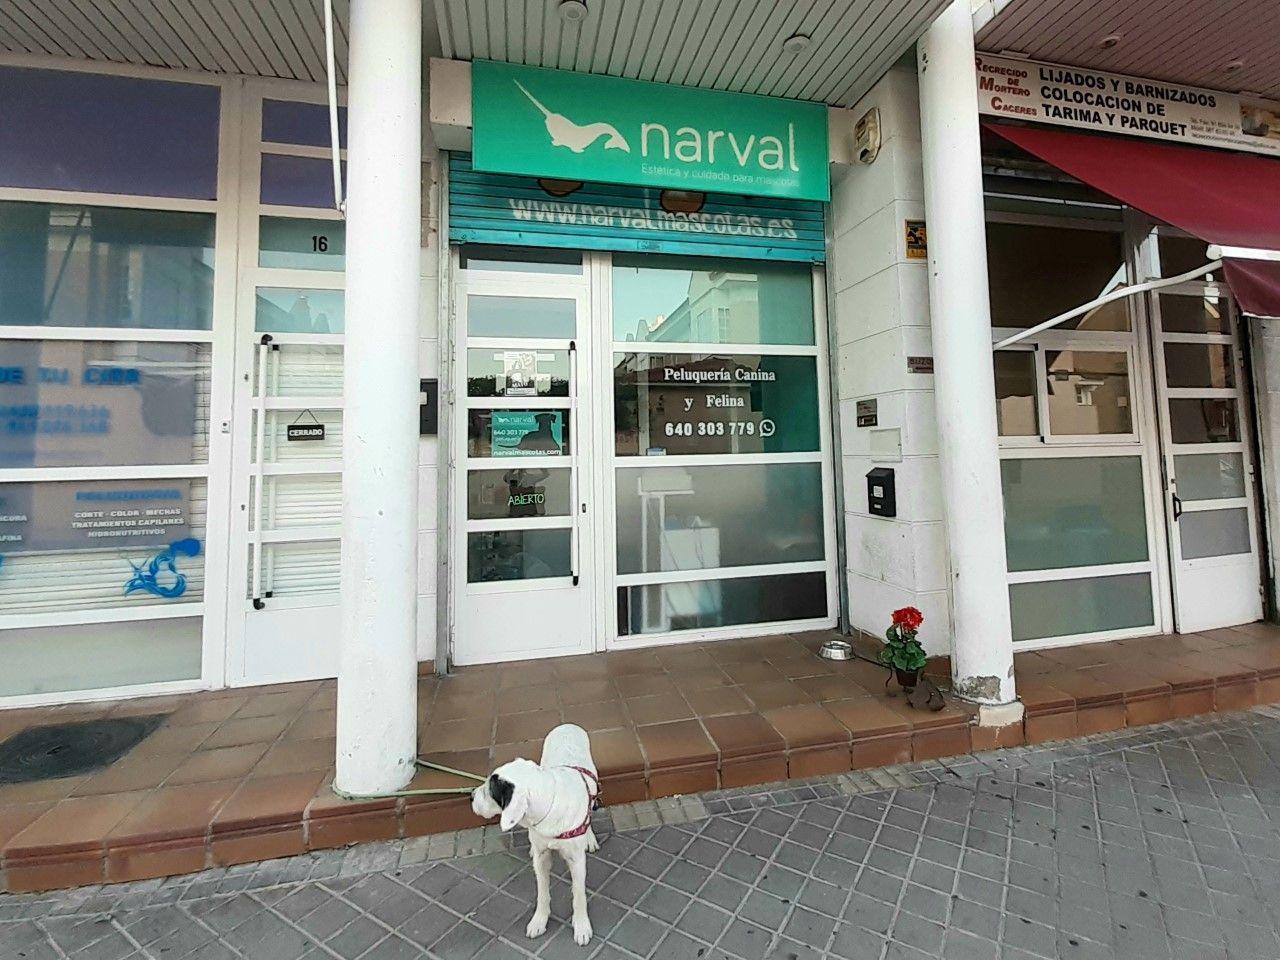 Foto 1 de Tienda de mascotas en Leganés en Leganés | Narval Mascotas